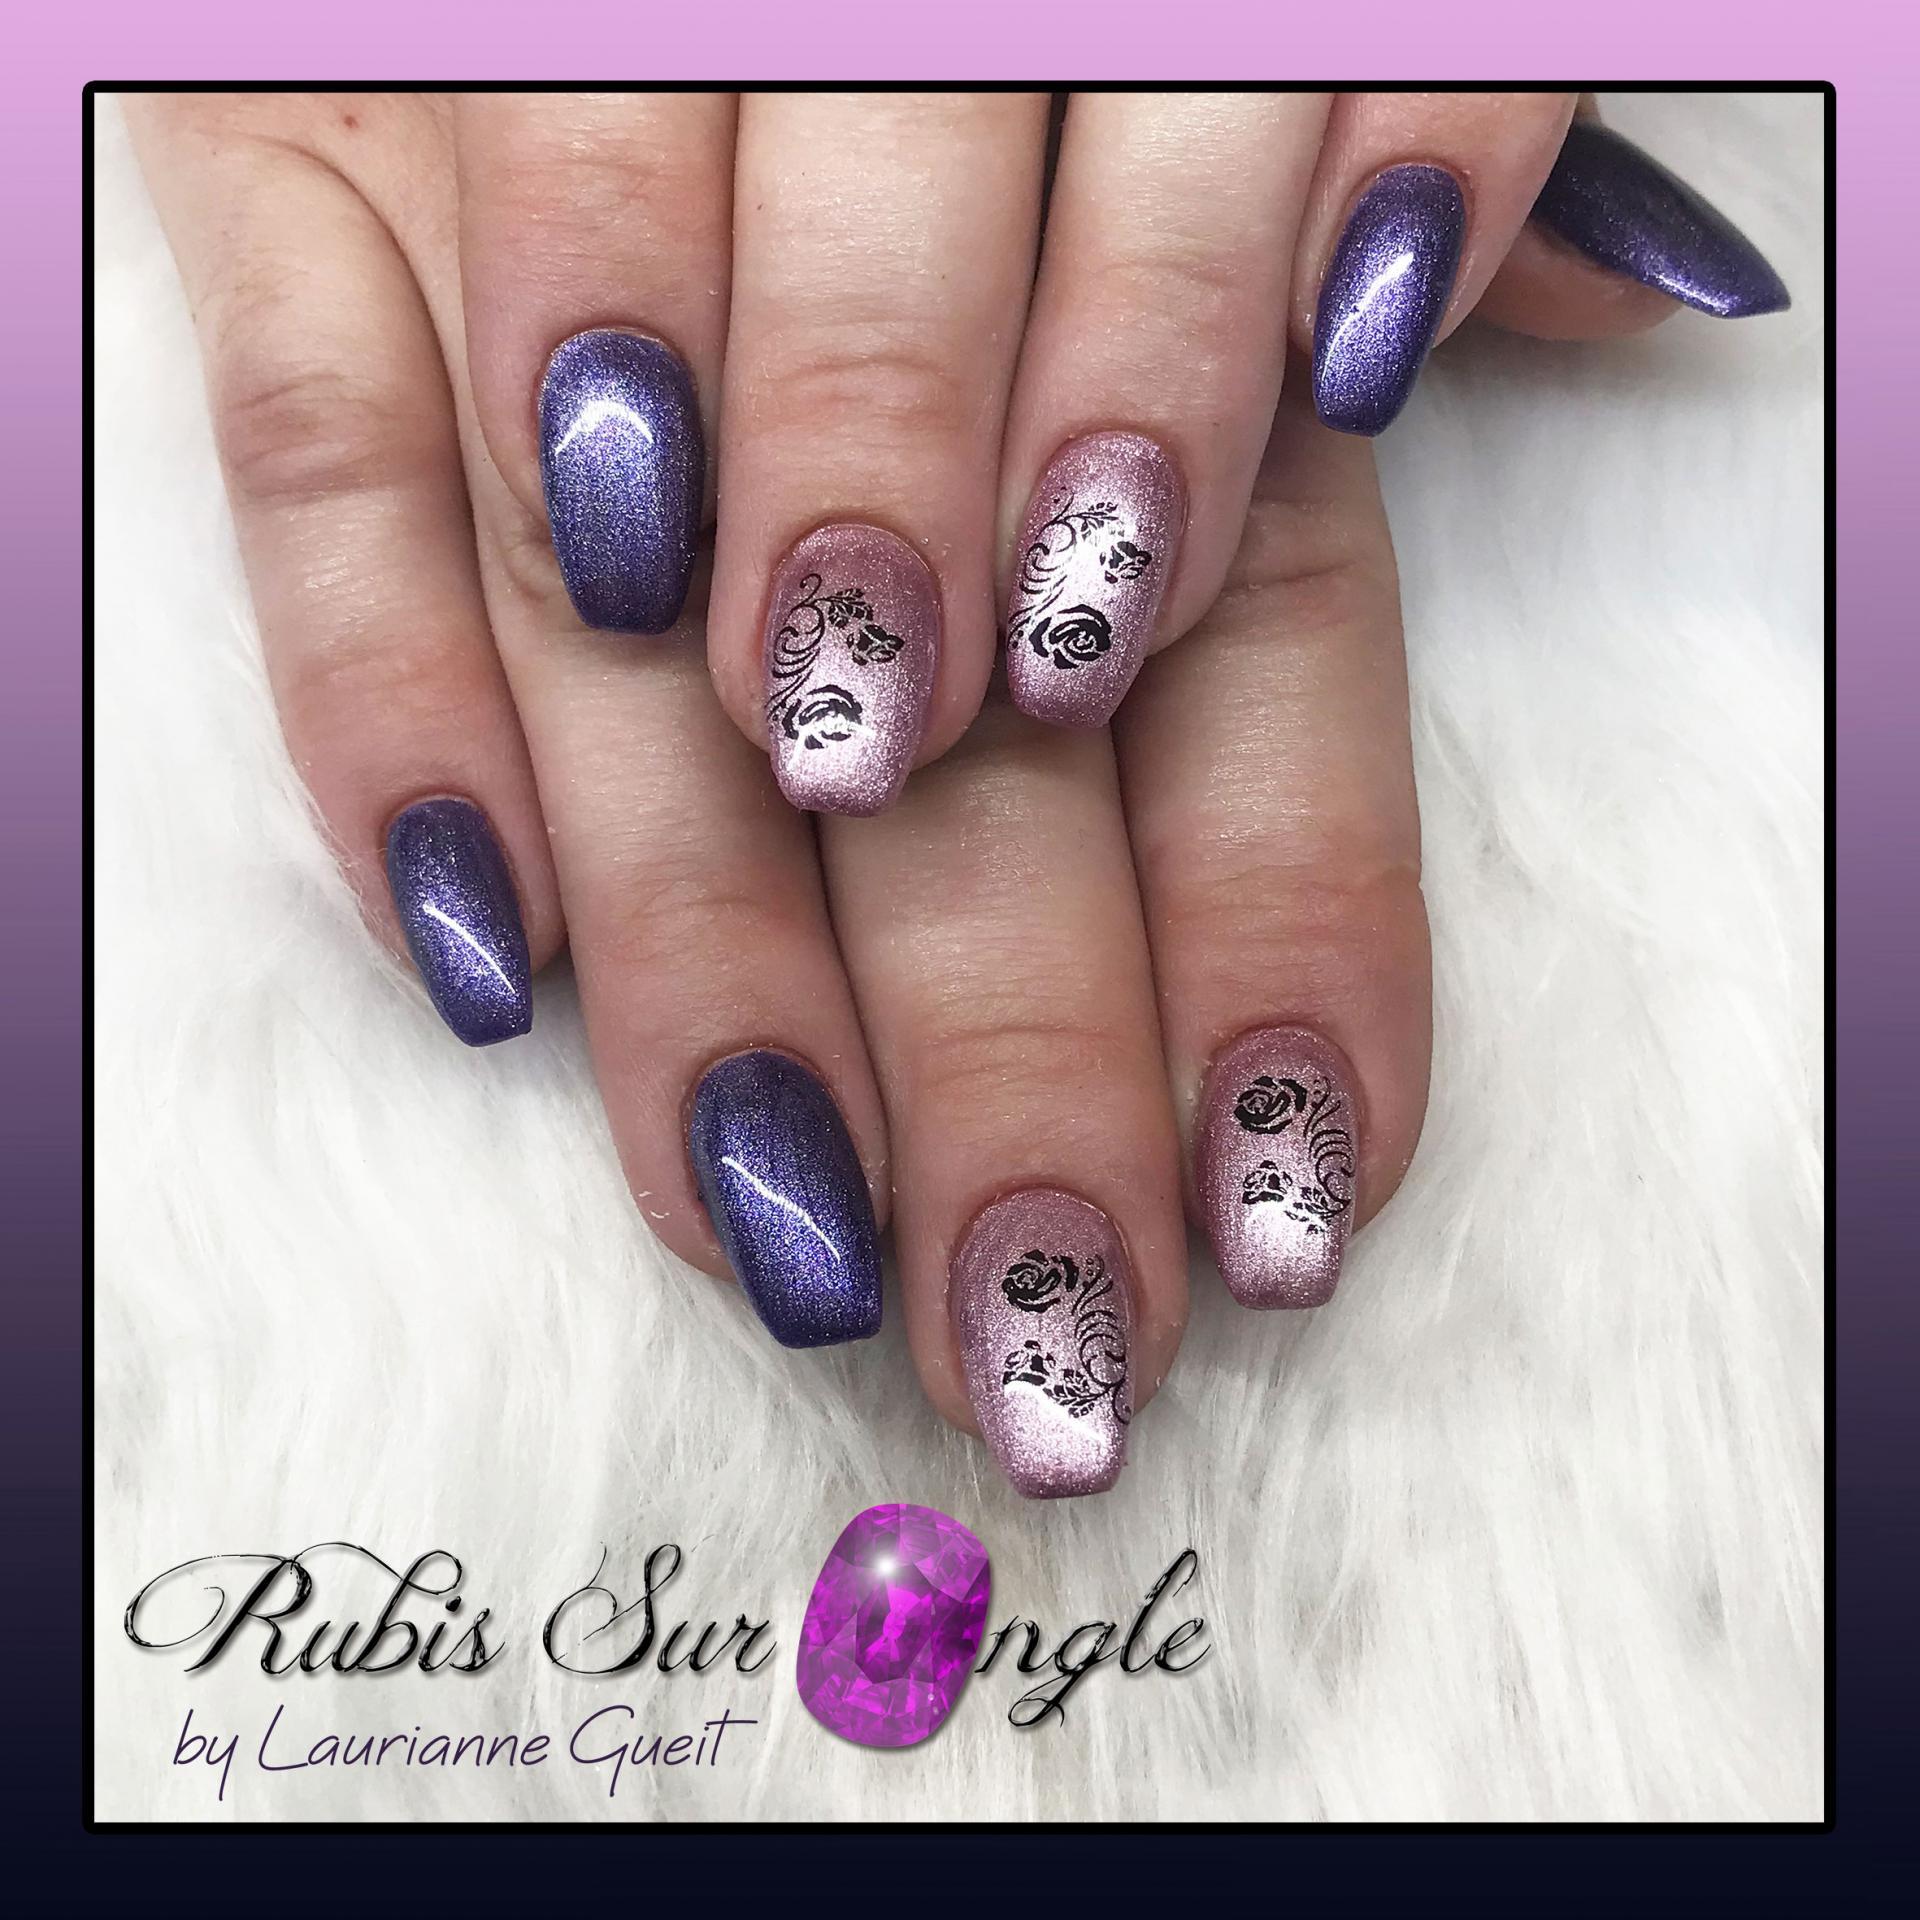 Rubis Sur Ongle Manucure Violet